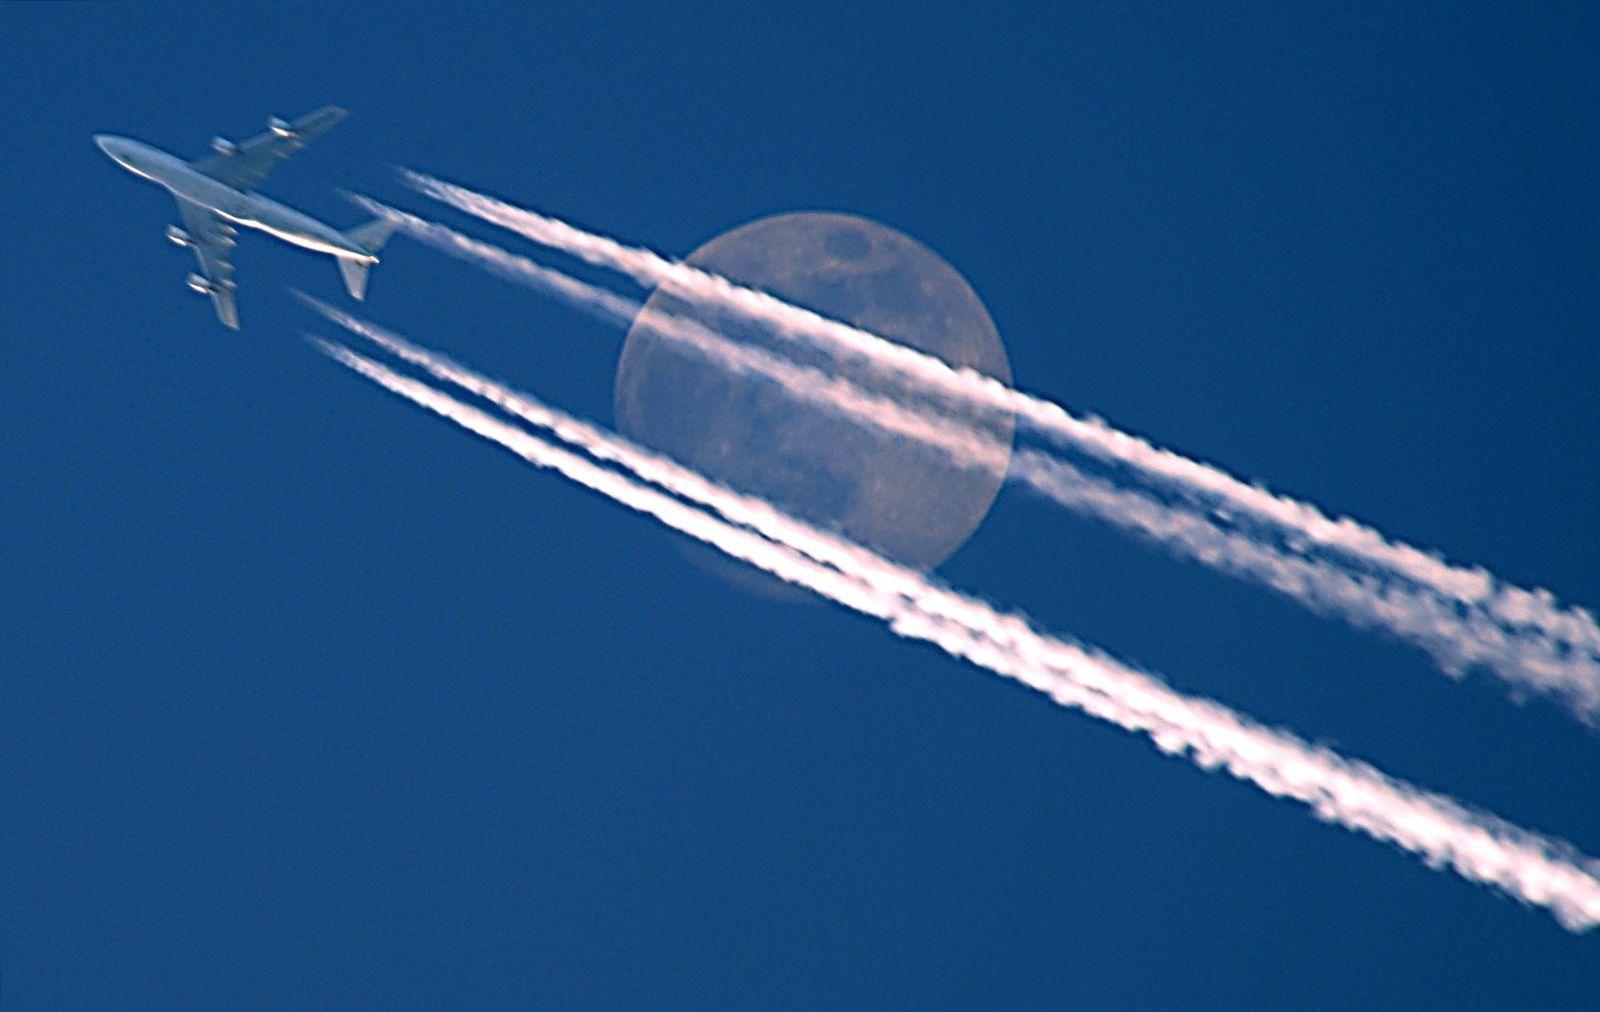 Steuern / Flugzeug / Kondensstreifen